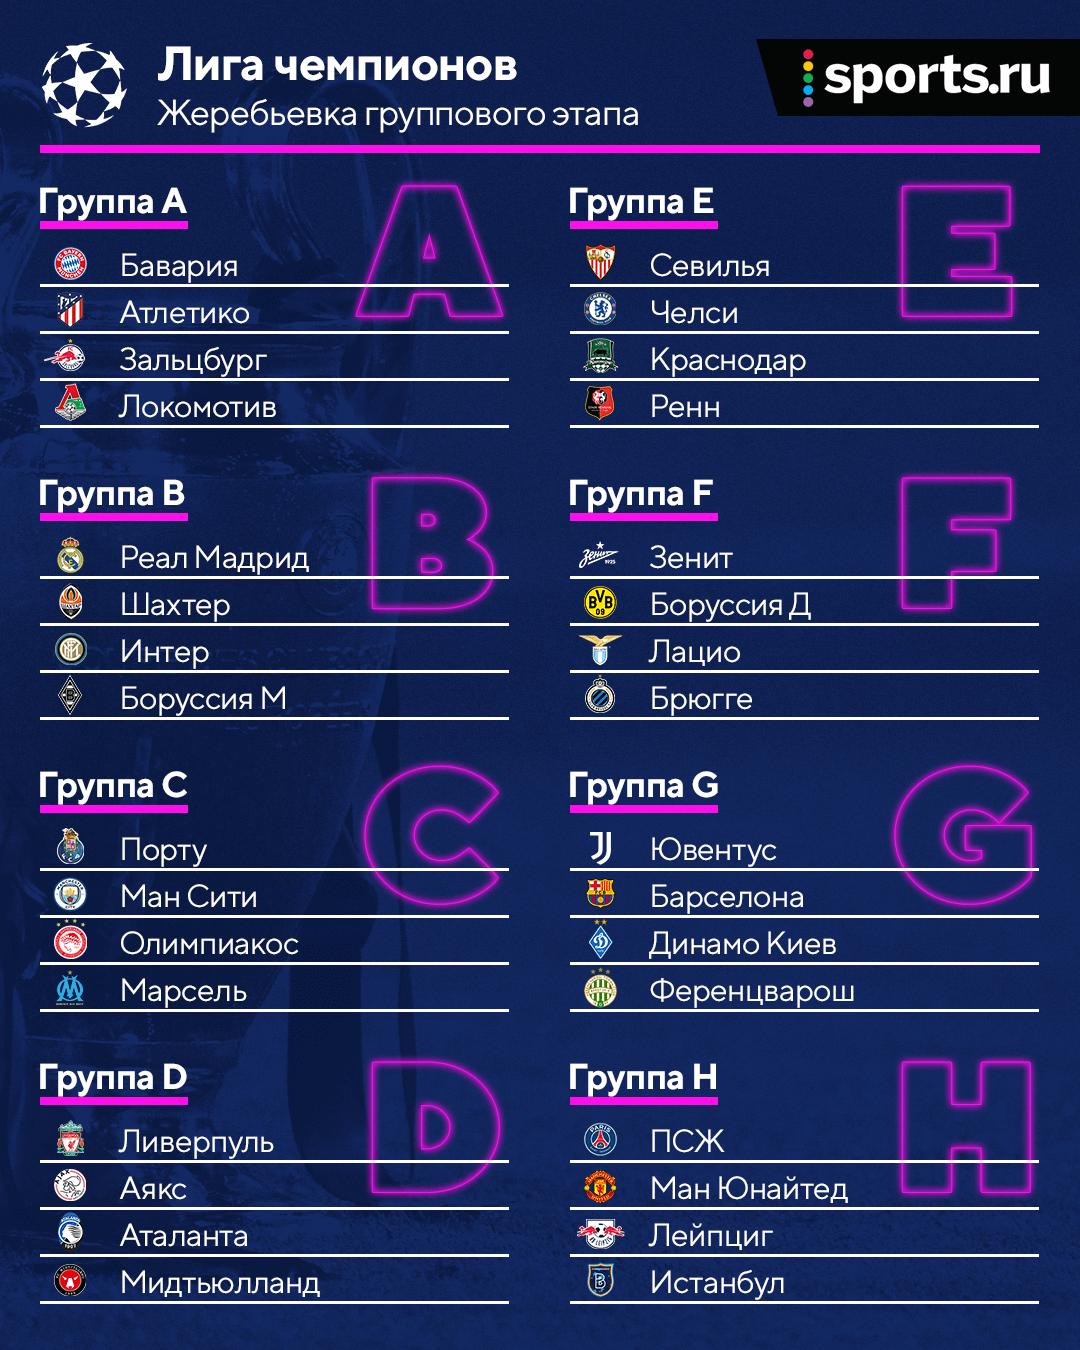 Лео – Криш, «Челси» – «Краснодар», «Бавария» – «Локо», «Боруссия» – «Зенит»: все группы ЛЧ в одной картинке